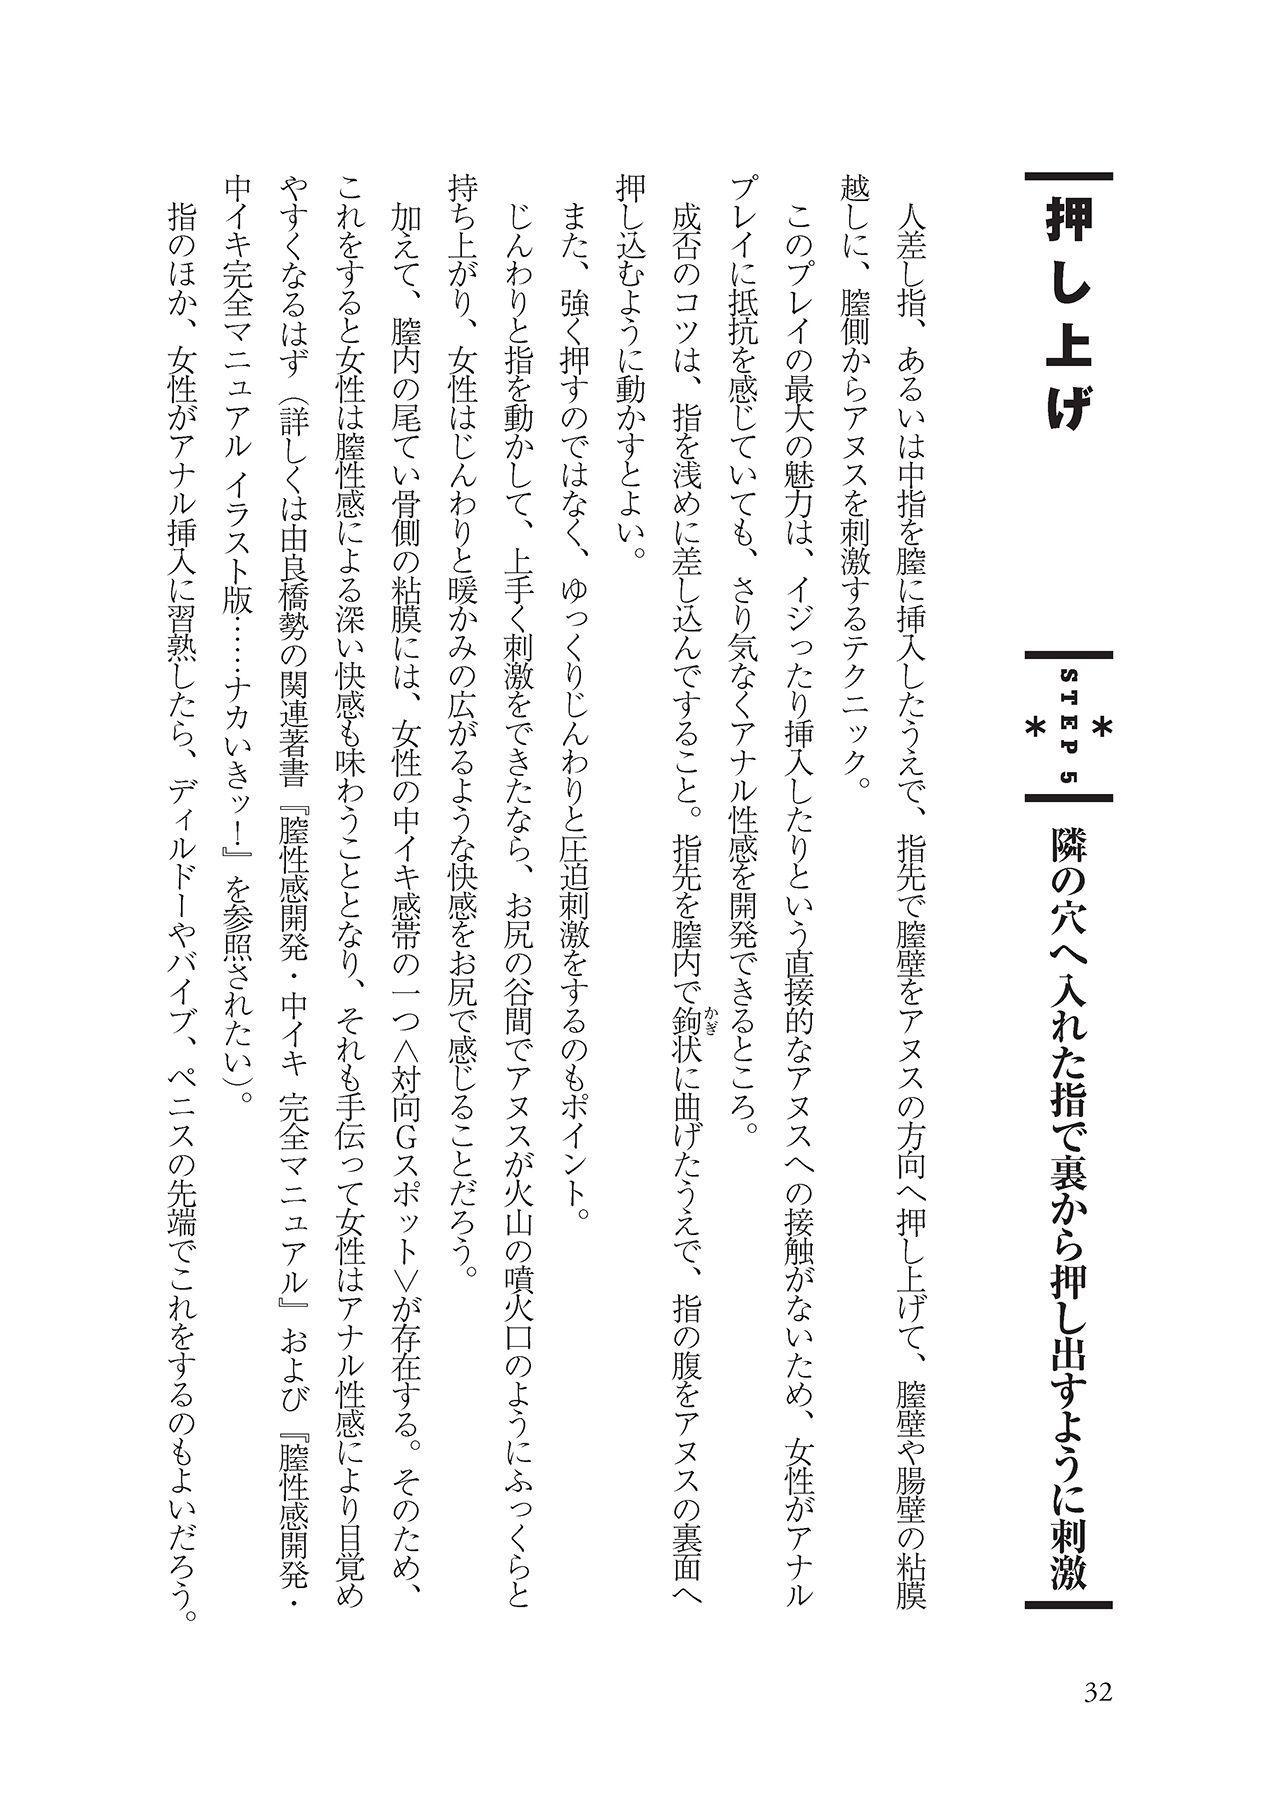 アナル性感開発・お尻エッチ 完全マニュアル 33